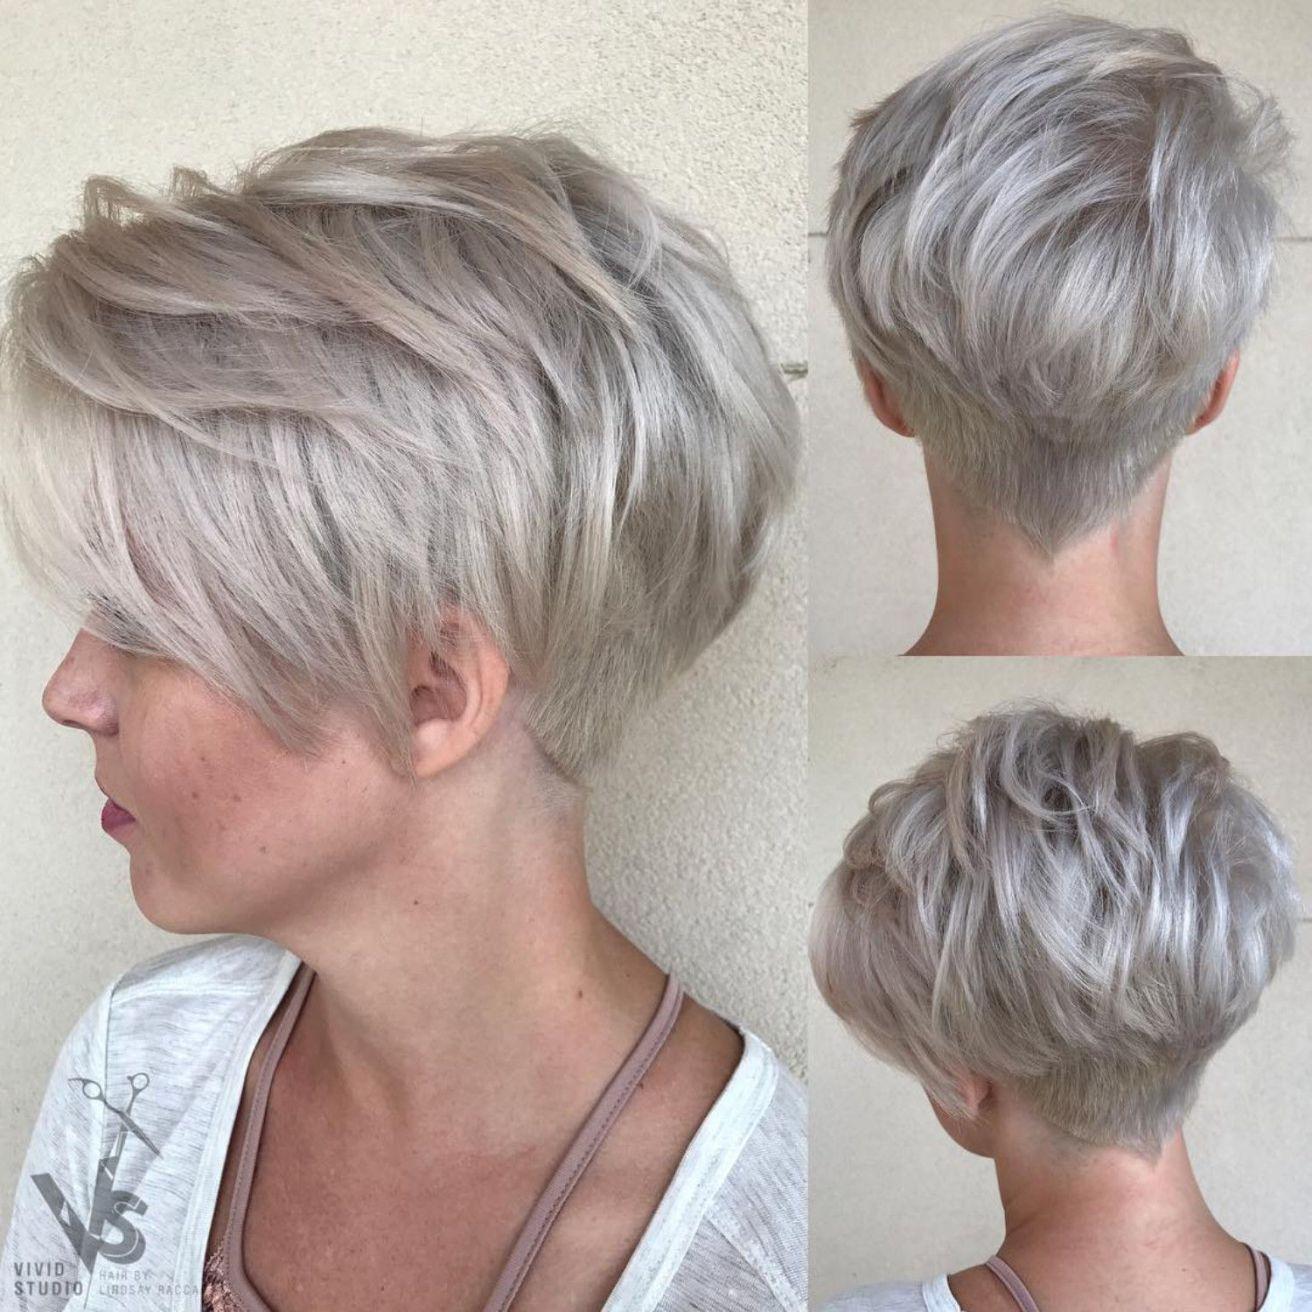 100 Mind Blowing Short Hairstyles For Fine Hair Con Immagini Capelli Corti Alla Moda Tagli Di Capelli Capelli Piu Corti